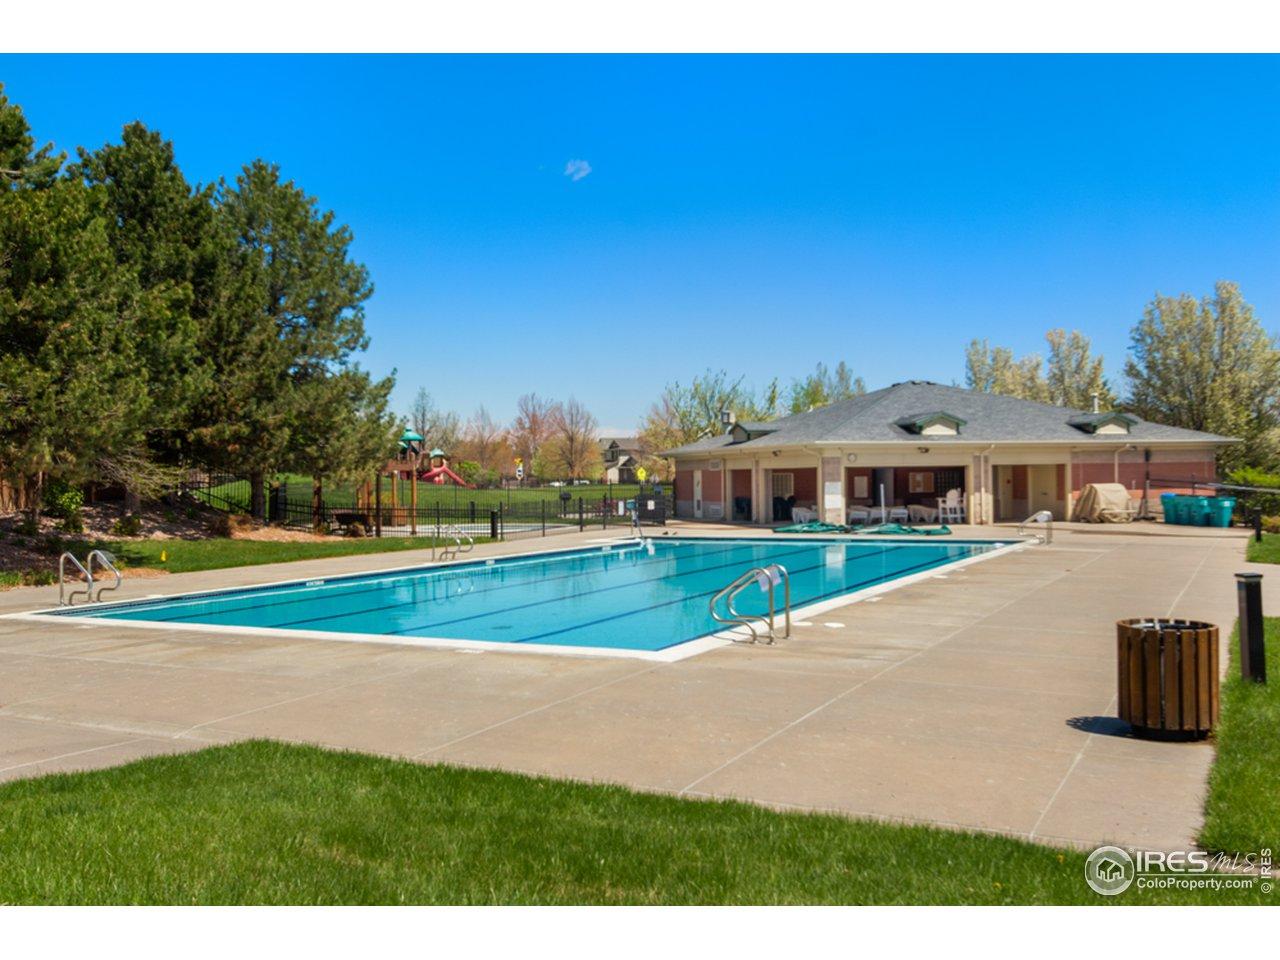 Neighborhood Pool with Optional Membership